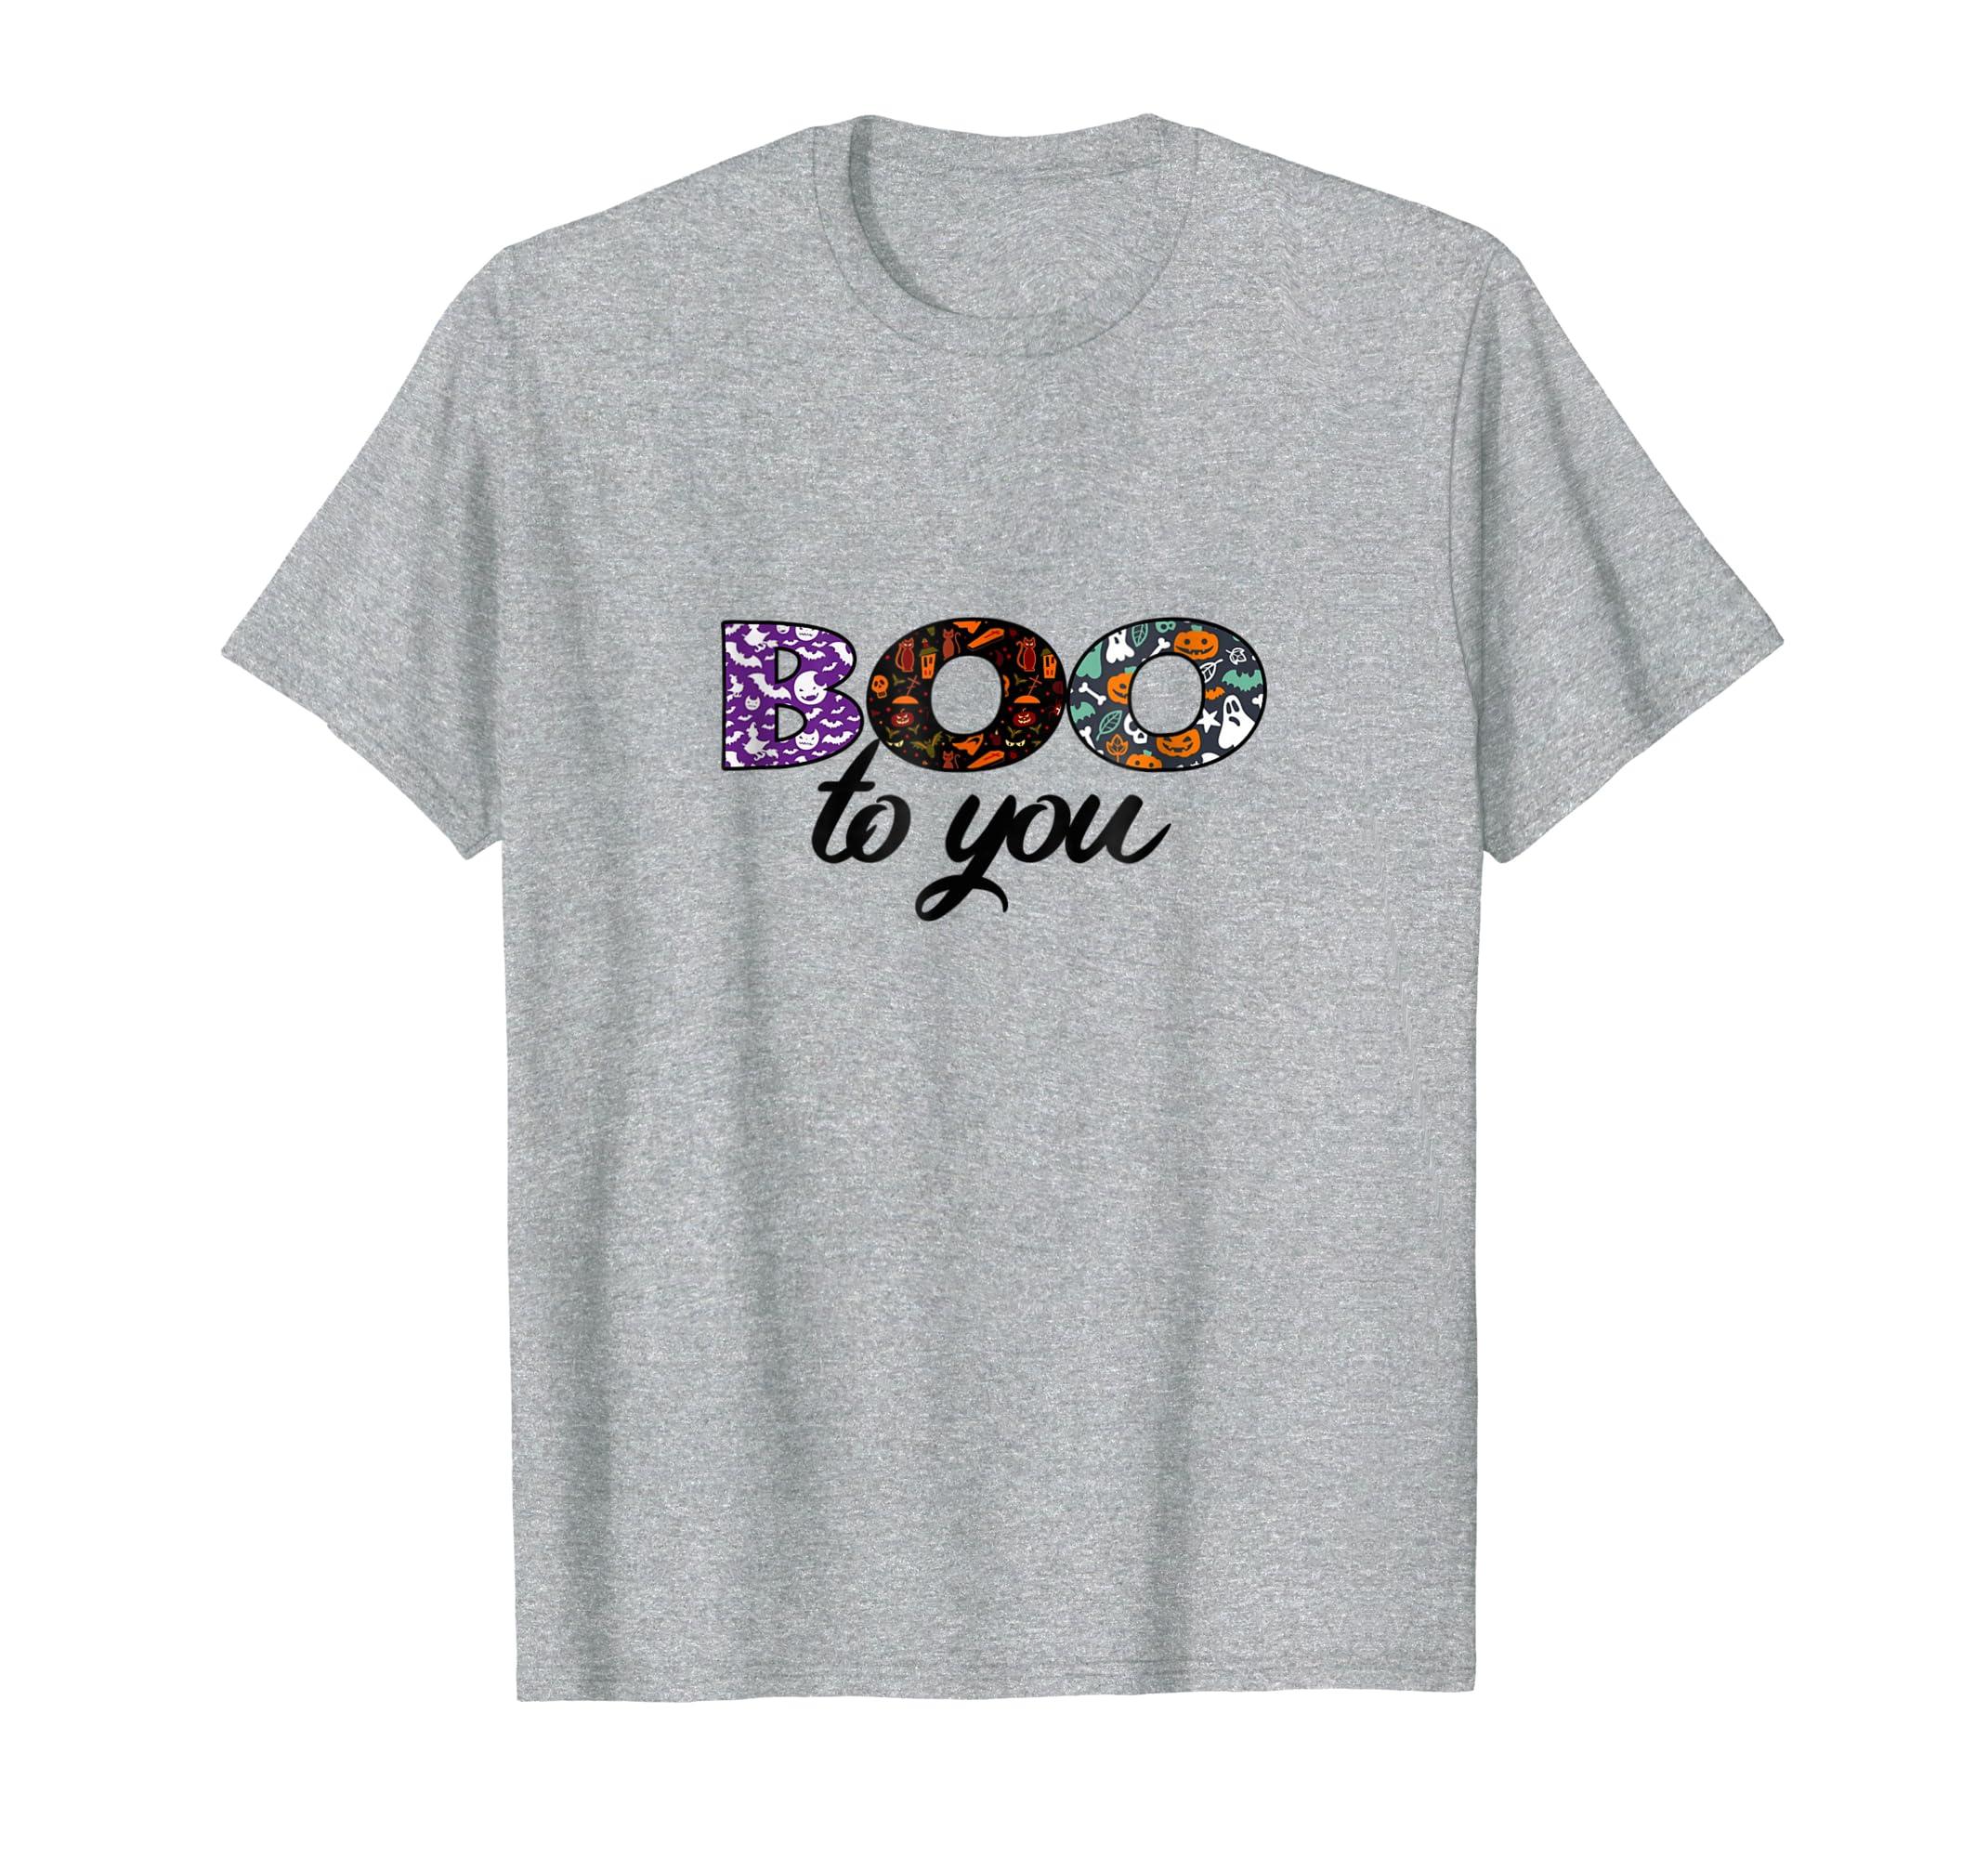 Boo To You Too Shirt Funny Halloween Tshirt for Men Women-SFL